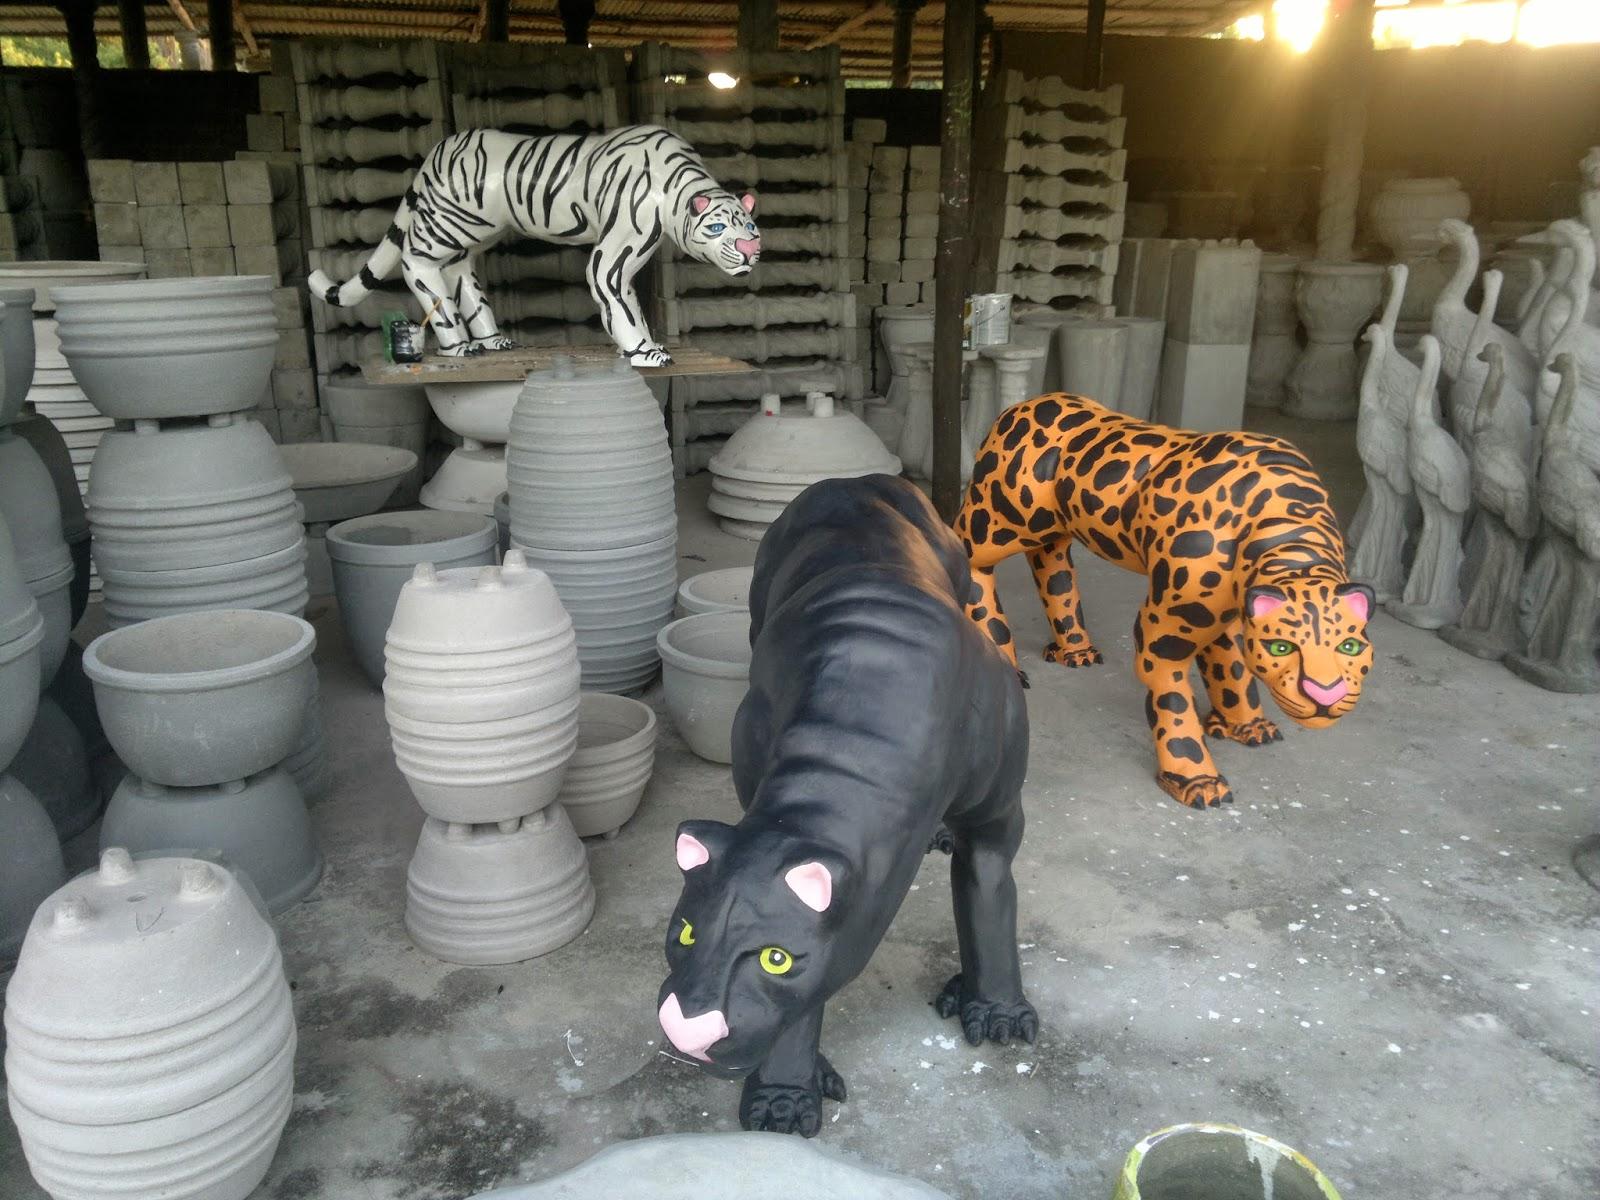 banco de jardim cavalo : banco de jardim cavalo:todos os tipos de Esculturas, Bancos de praça, enfeites para jardim